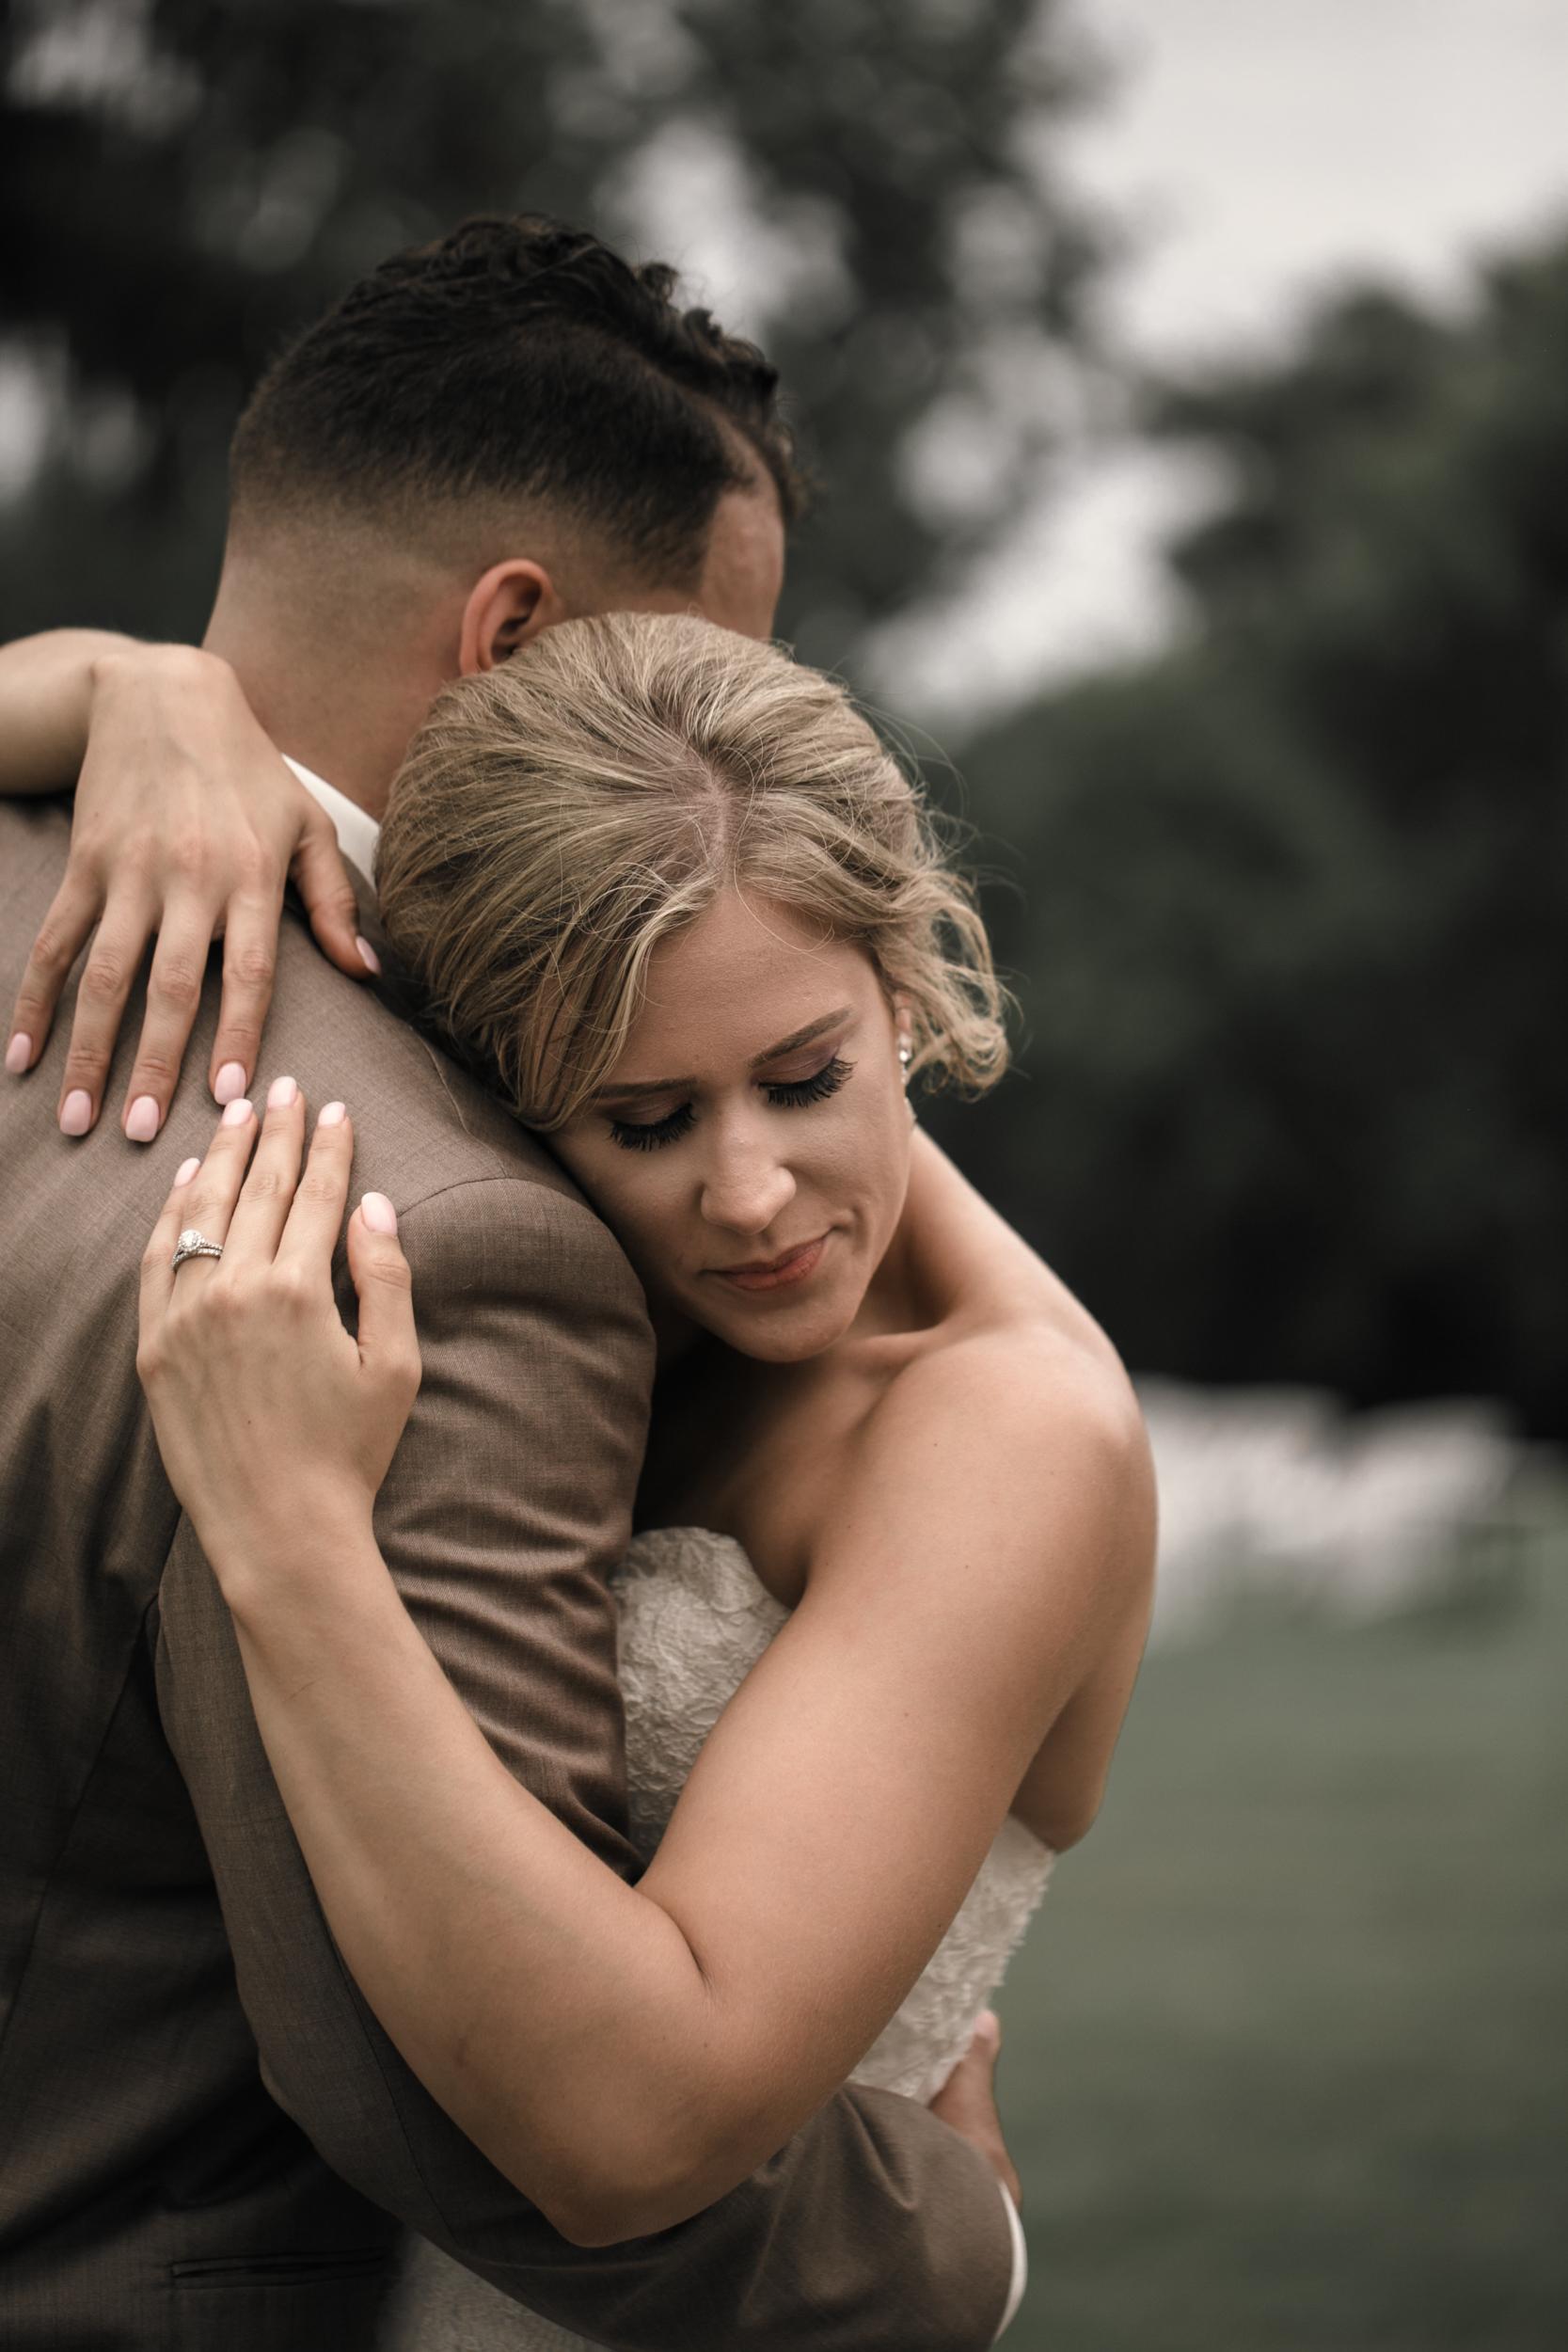 dellwood country club wedding*, Dellwood Country Club*, golf course wedding*, green golf course*, rose pink wedding details*-www.rachelsmak.com23.jpg